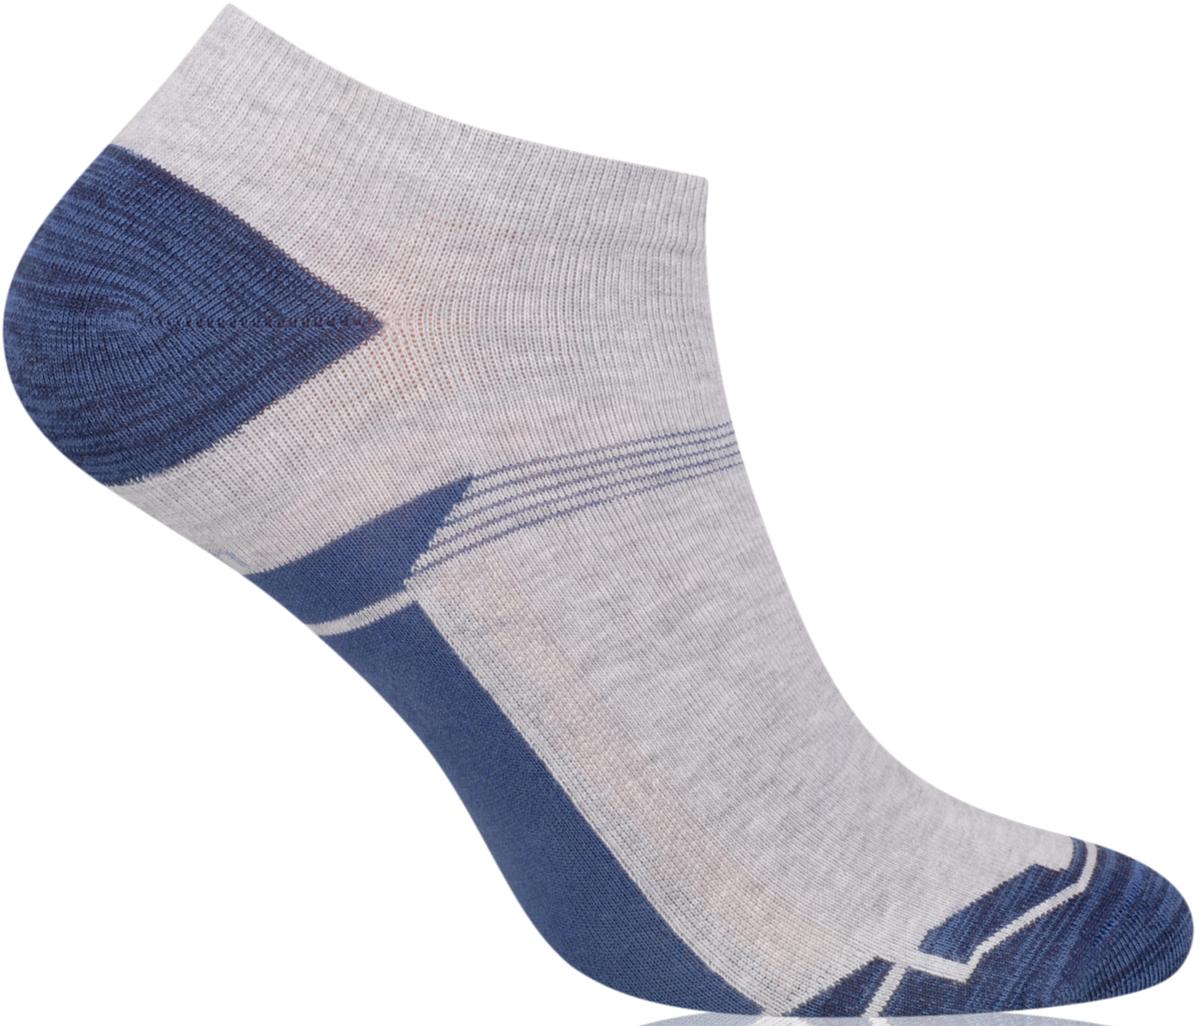 Носки для мальчика Steven, цвет: серый, джинсовый. 004 (RD127). Размер 35/37004 (RD127)Носки Steven изготовлены из качественного материала на основе хлопка. Модель имеет мягкую эластичную резинку. Носки хорошо держат форму и обладают повышенной воздухопроницаемостью.